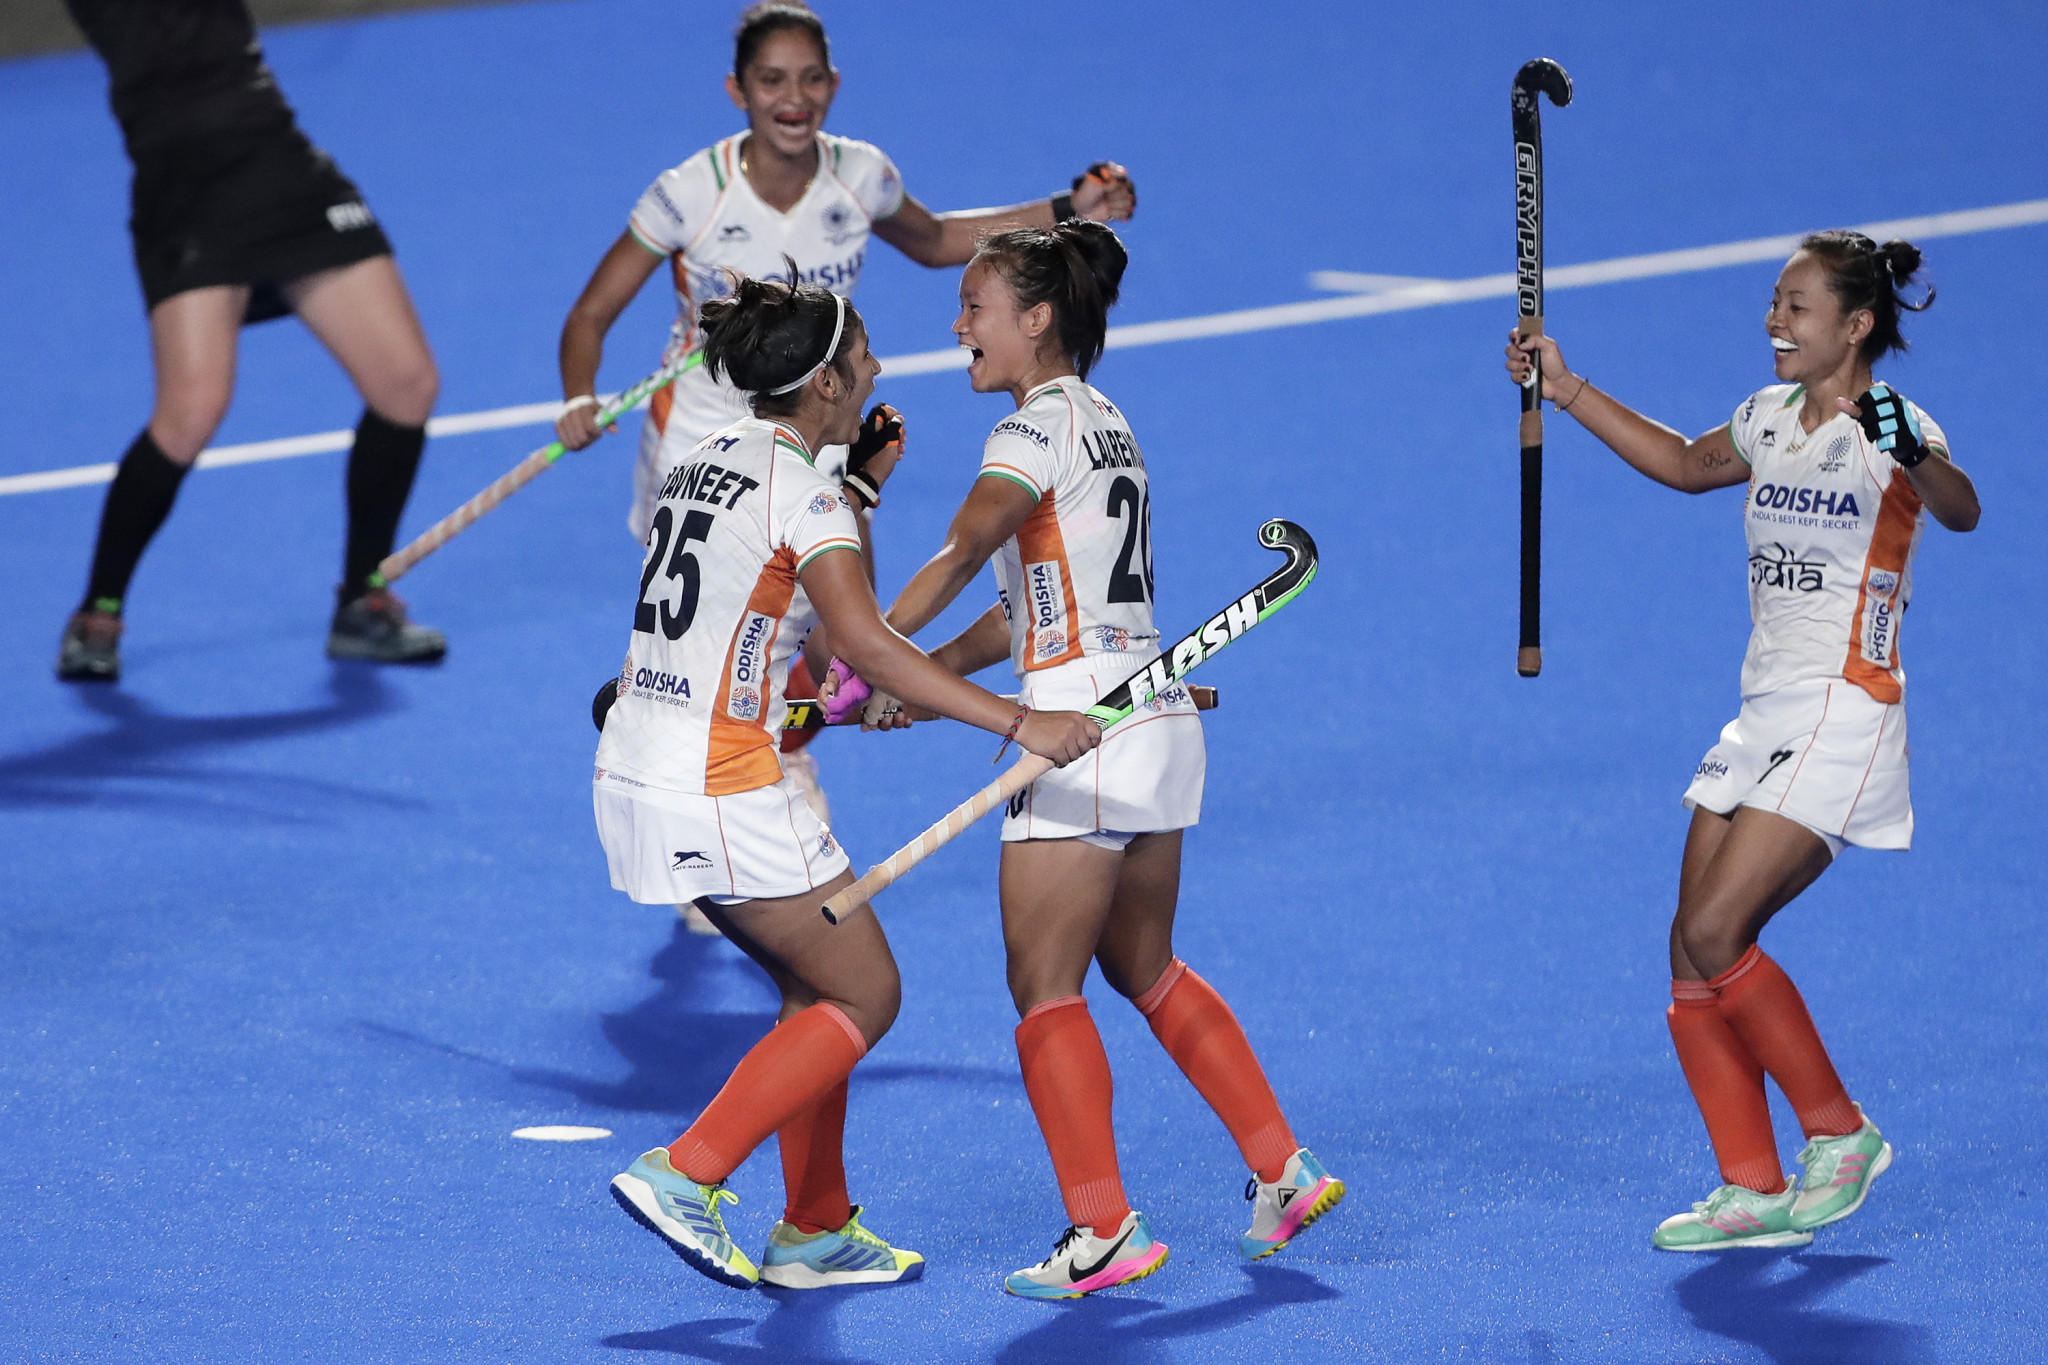 Tokyo Olympics 2020 : महिला हॉकी में भारत ने आयरलैंड को 1-0 से हराया